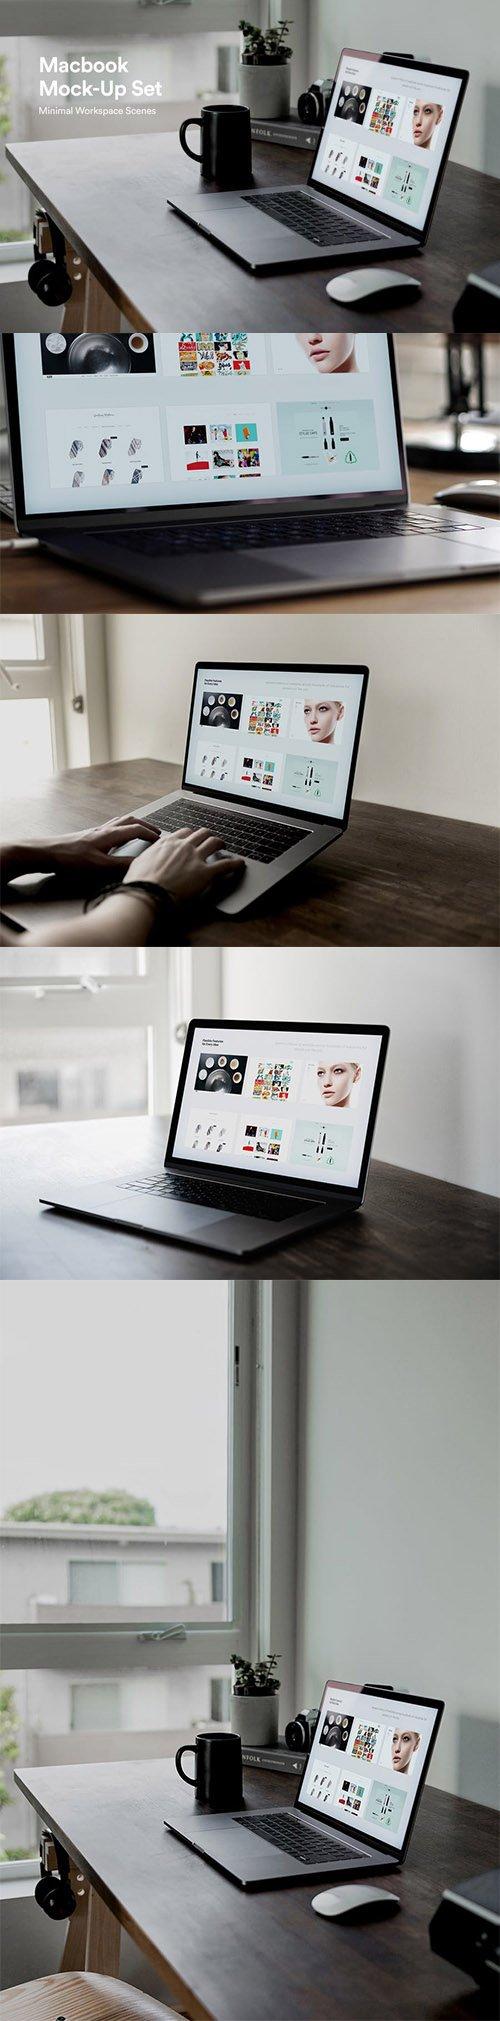 Minimal Laptop Mockups - S8DR4MZ